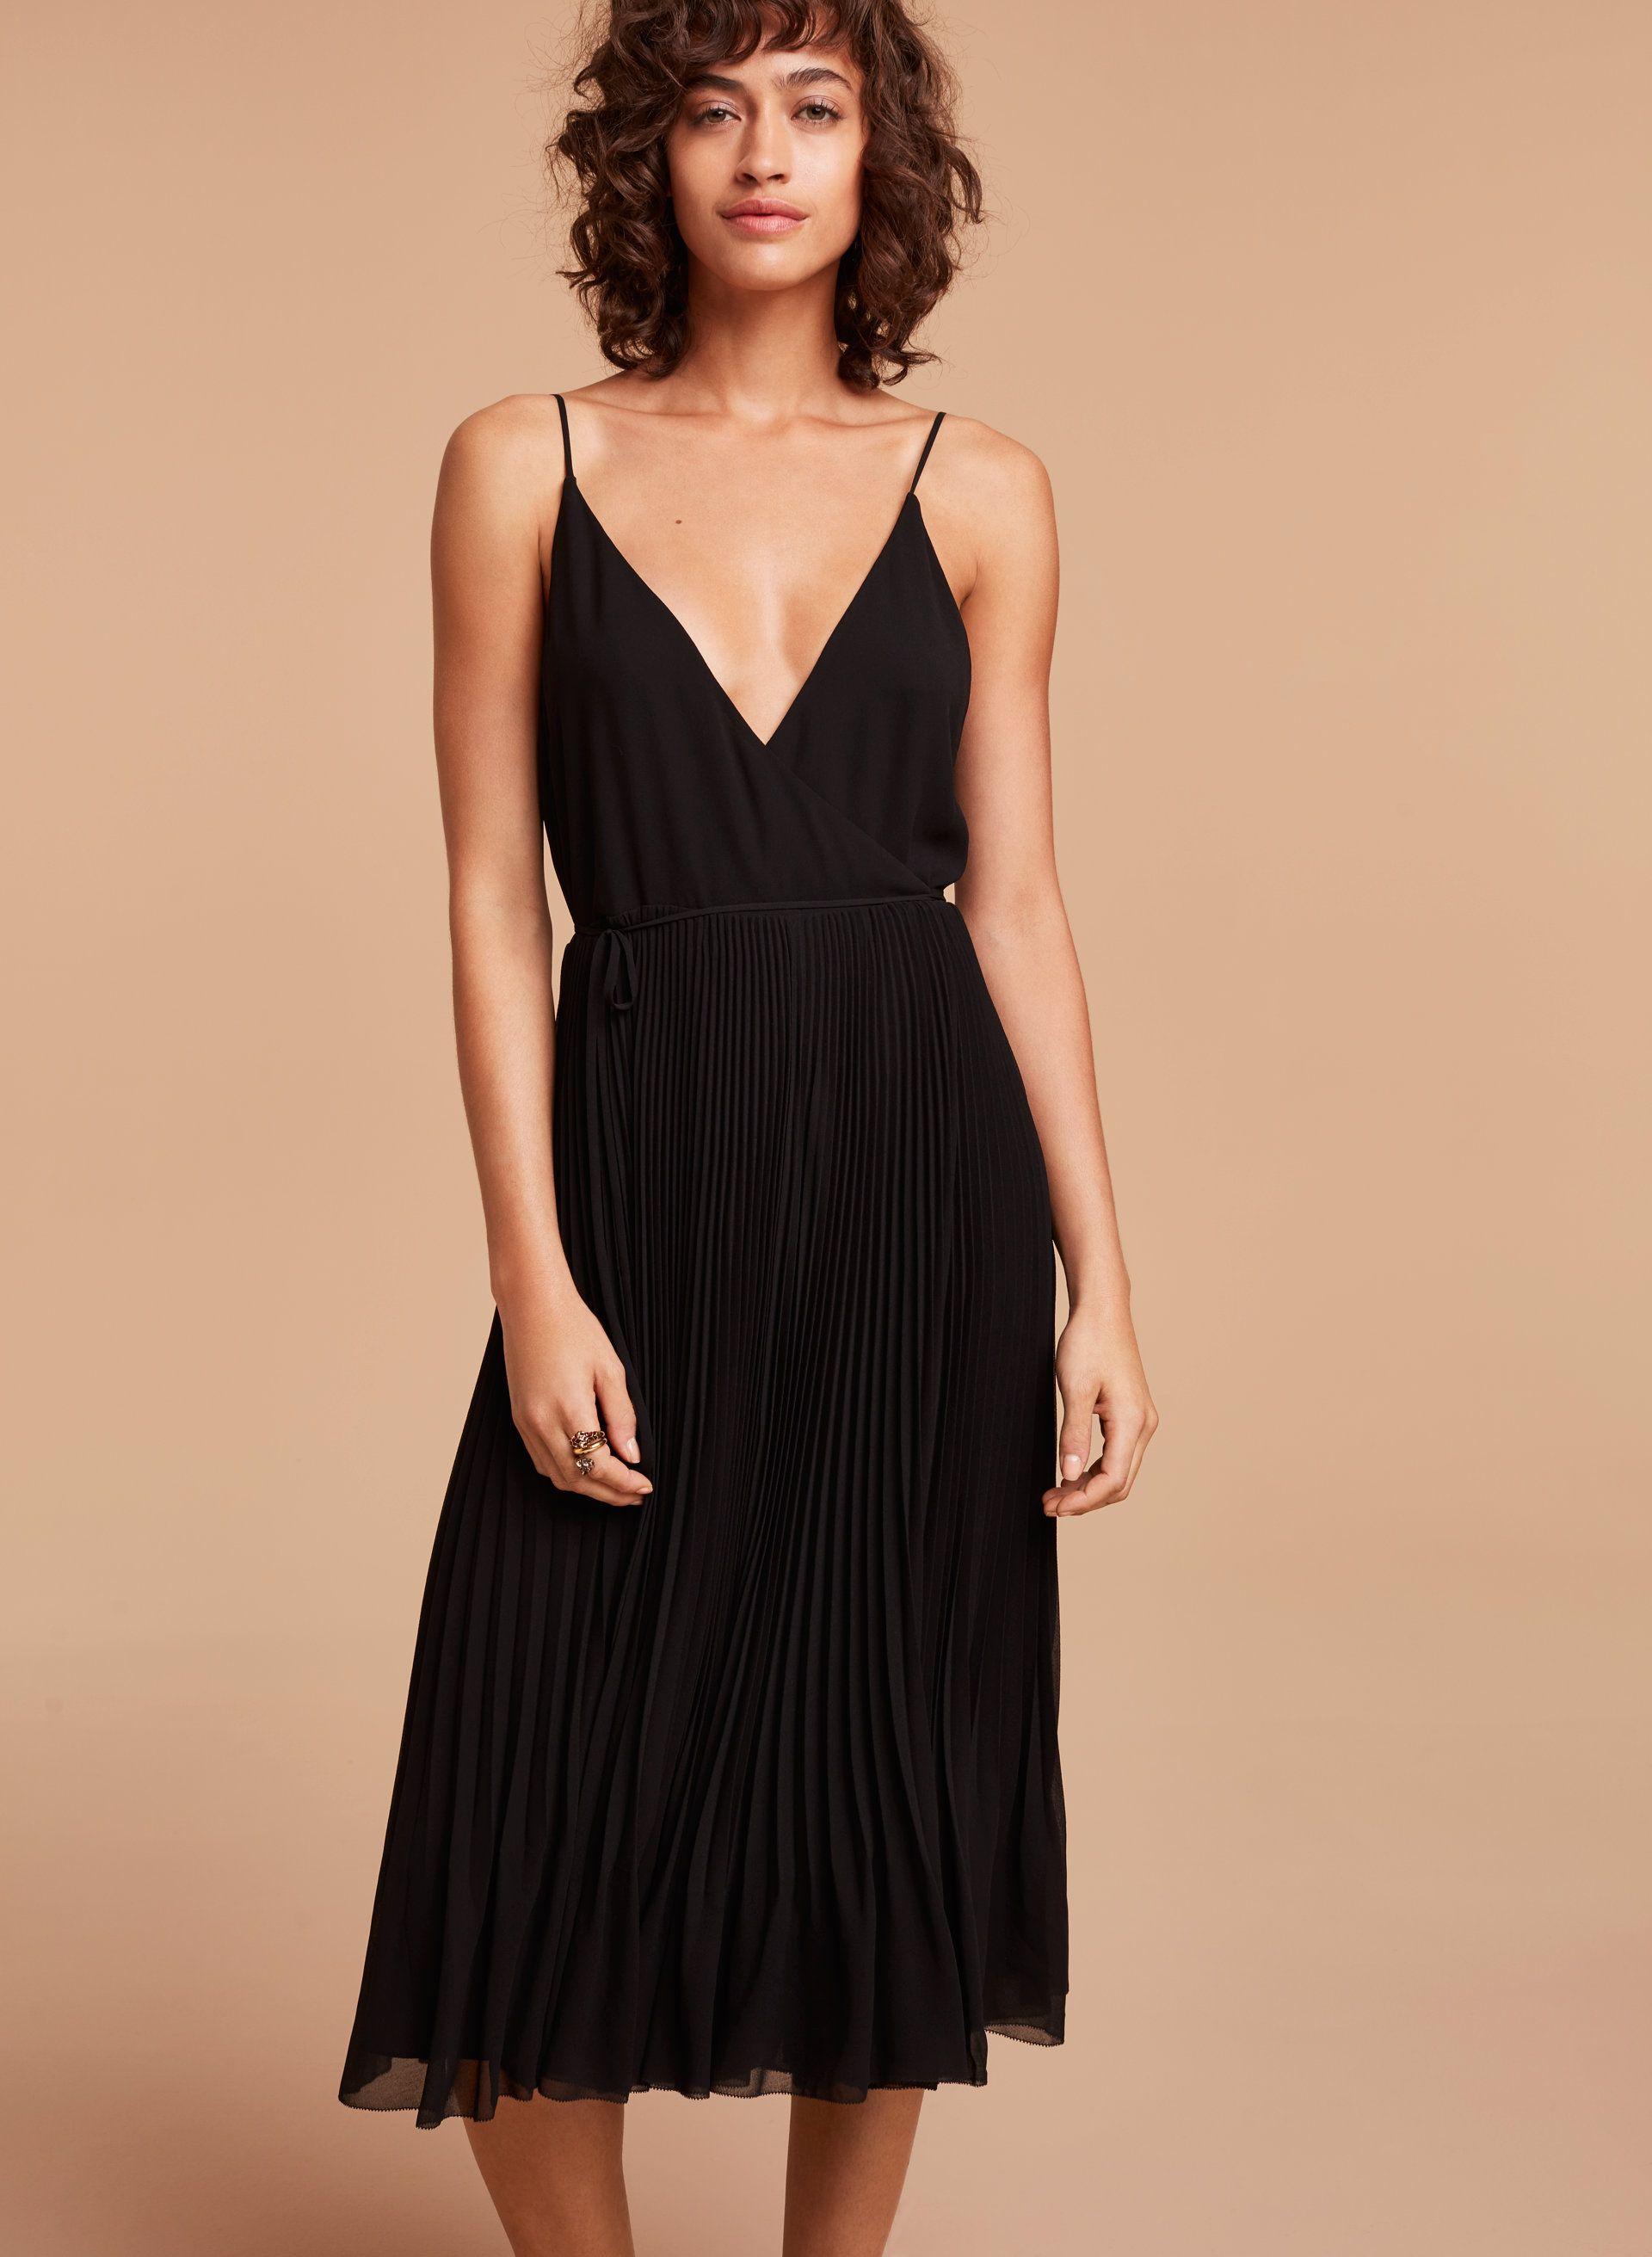 40a0eef5194 Wilfred BEAUNE DRESS